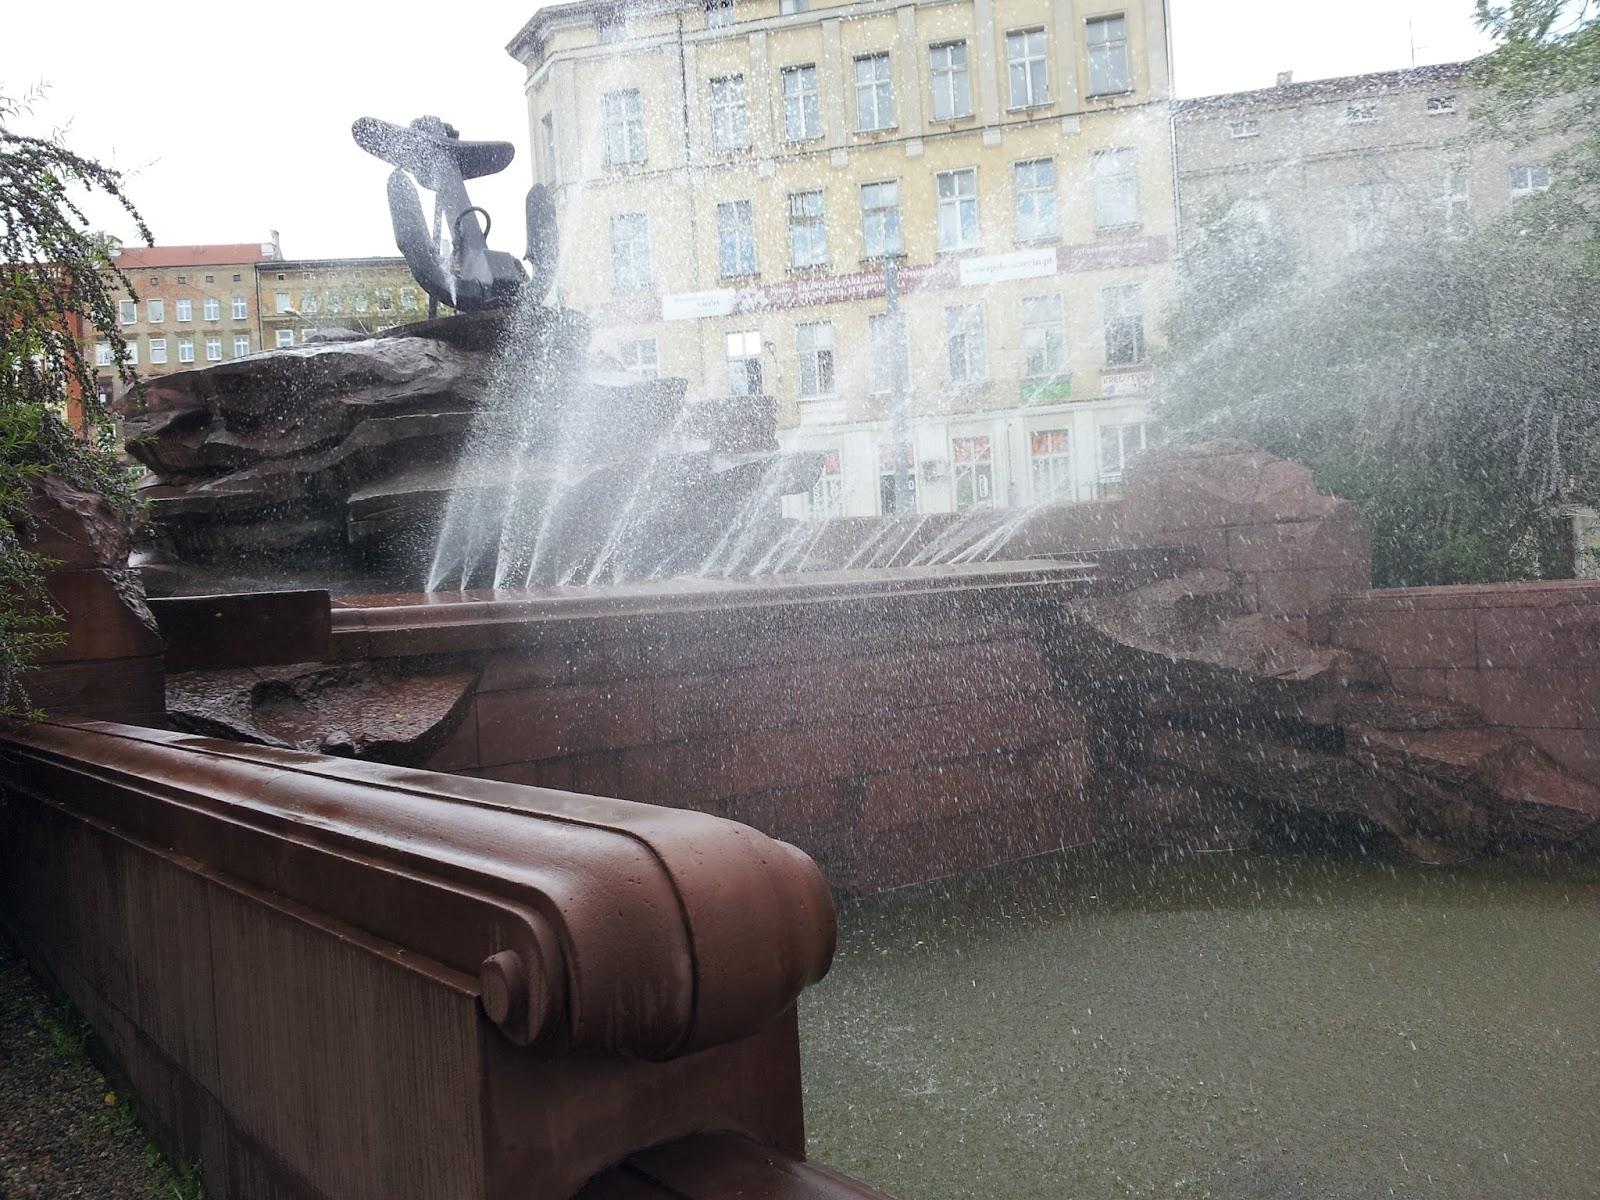 Fontanna w Szczecinie